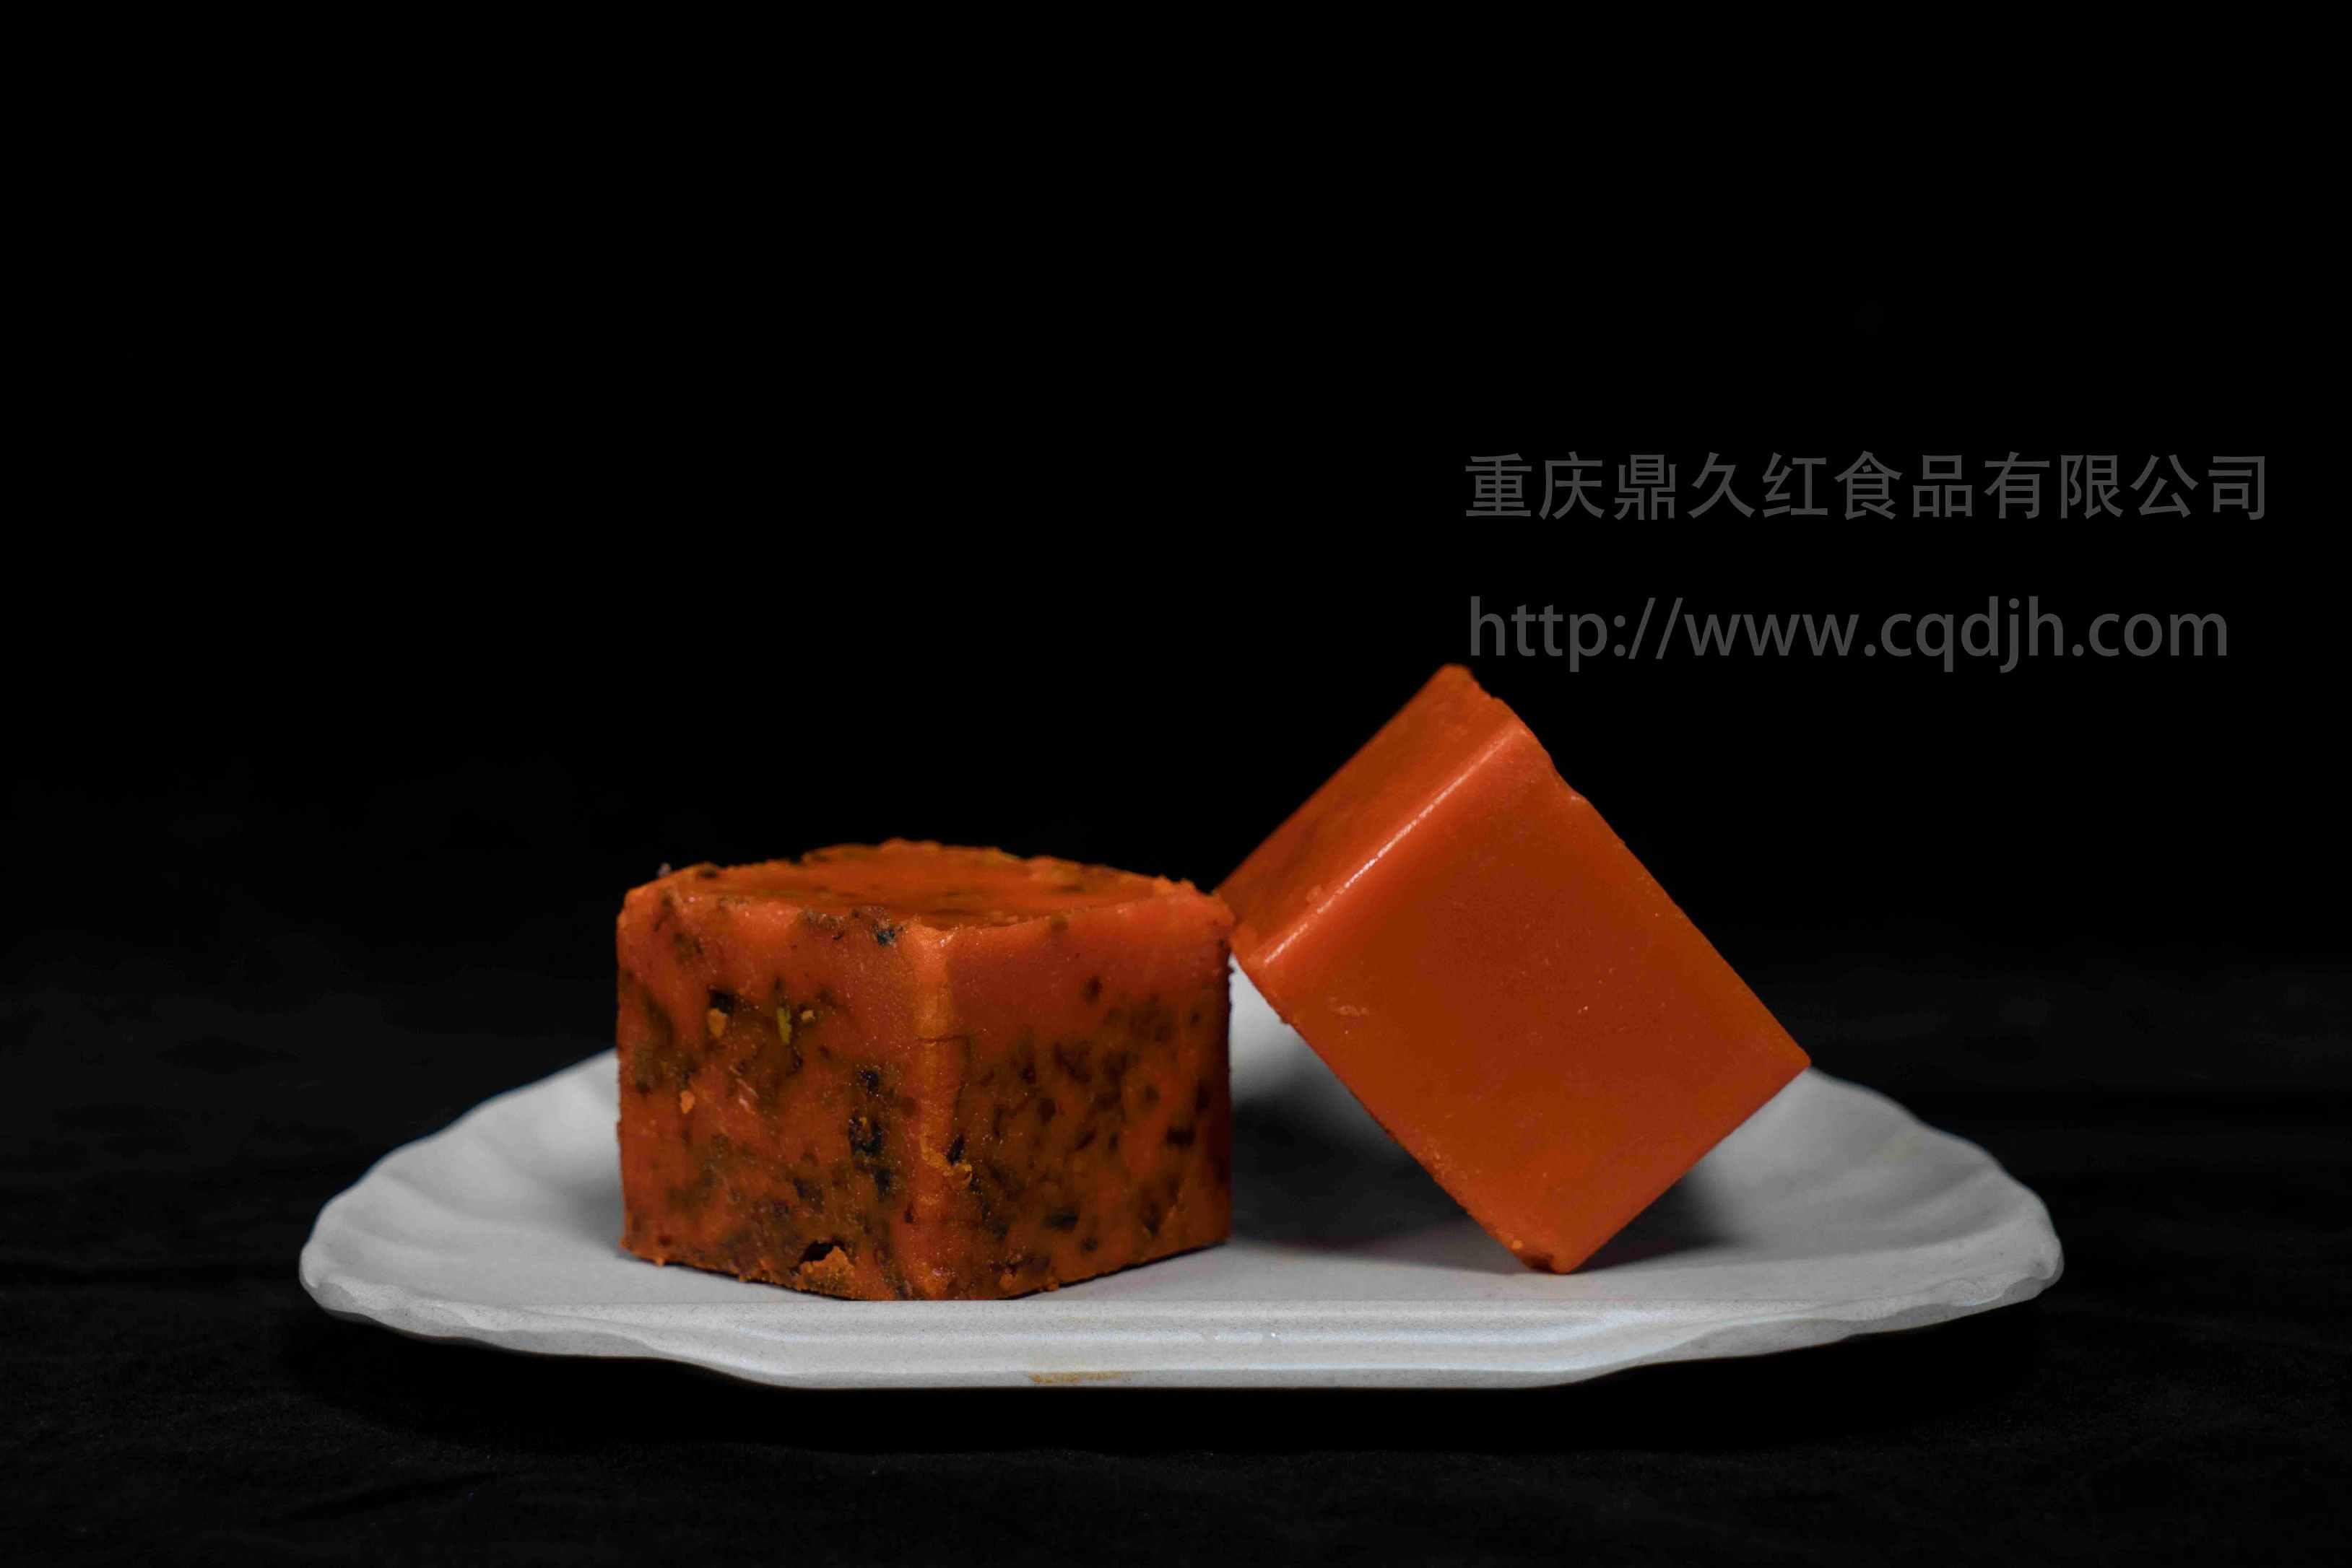 重庆火锅底料有哪些品牌?【火锅底料厂家】